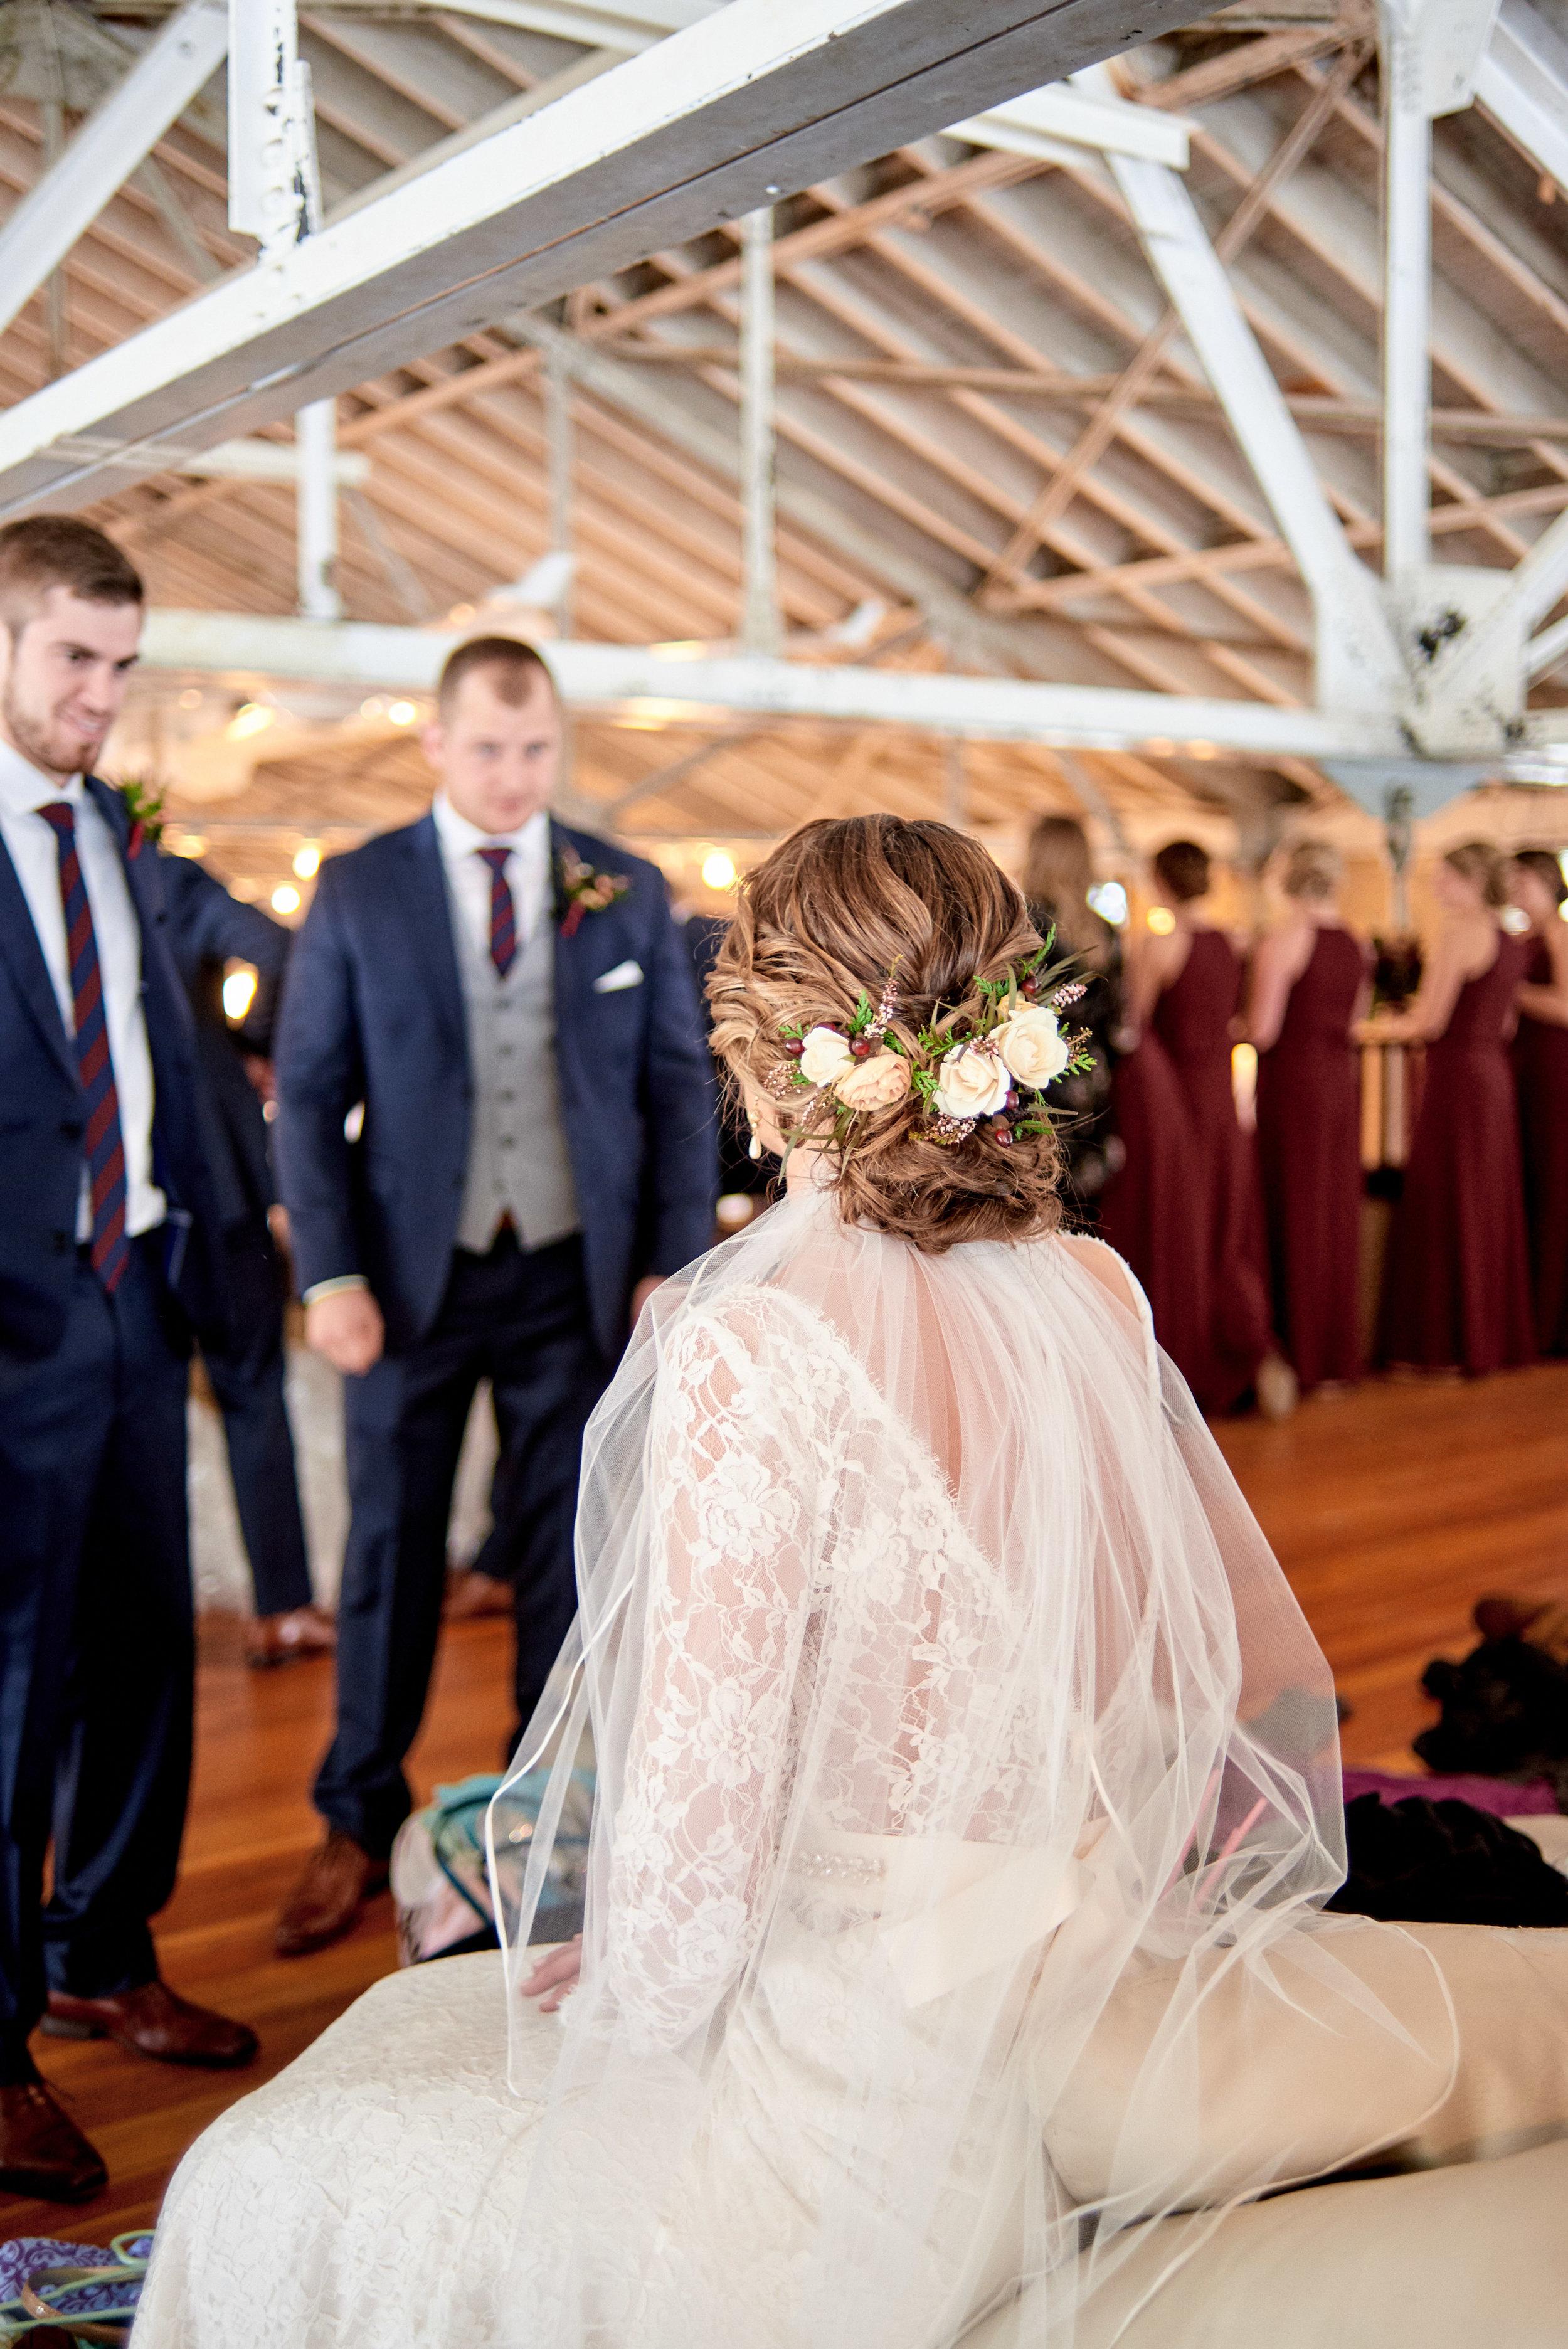 346-rothschild-pavilion-winter-wedding.jpg